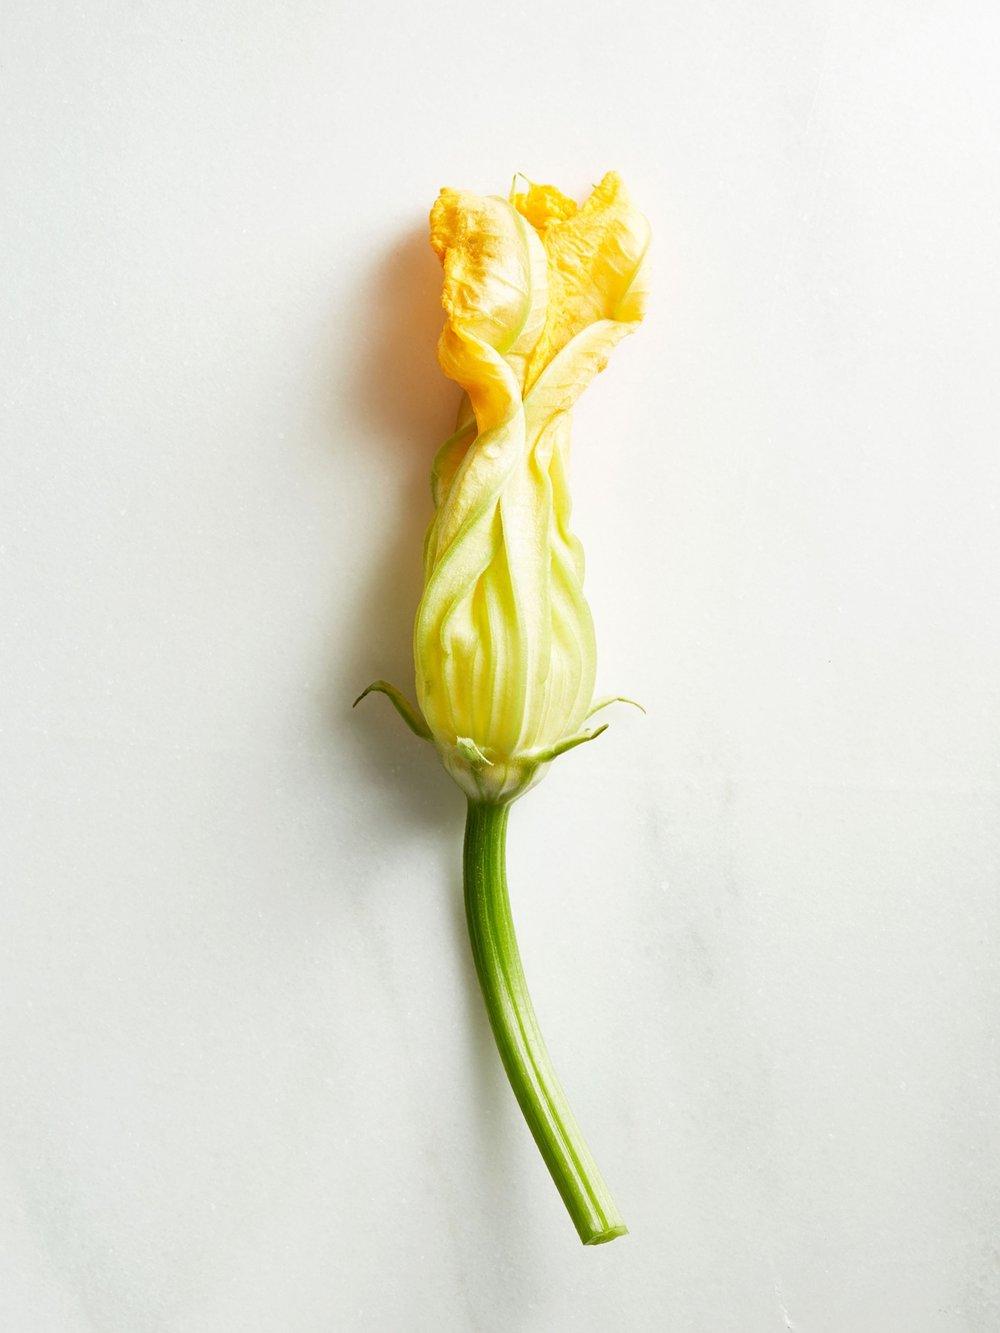 Edible_Flowers_Squash_Blossom_0224.jpg